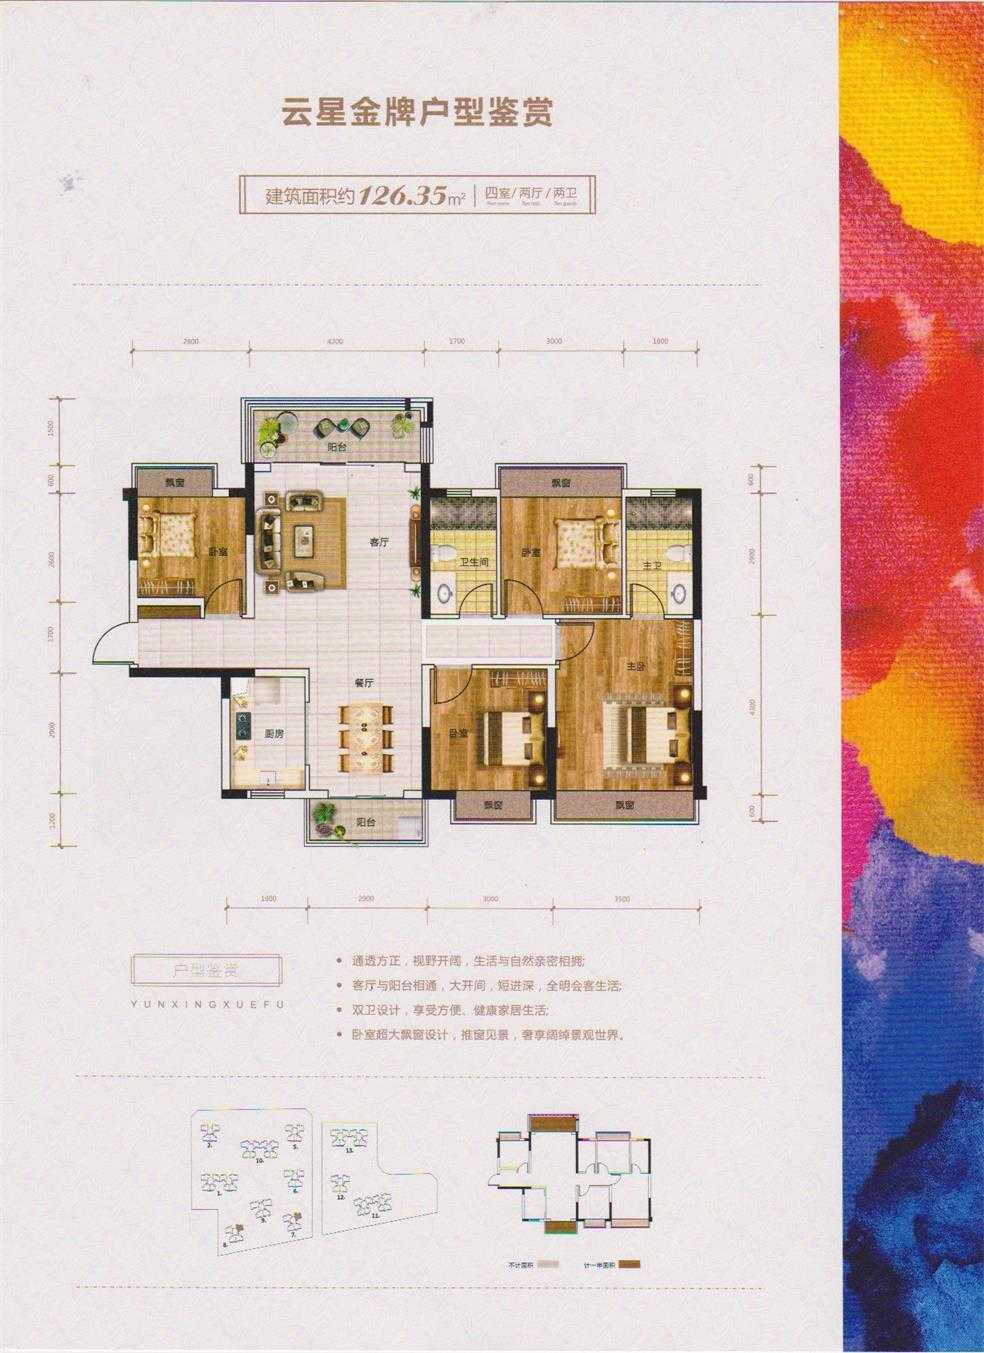 126.35㎡四室两厅两卫